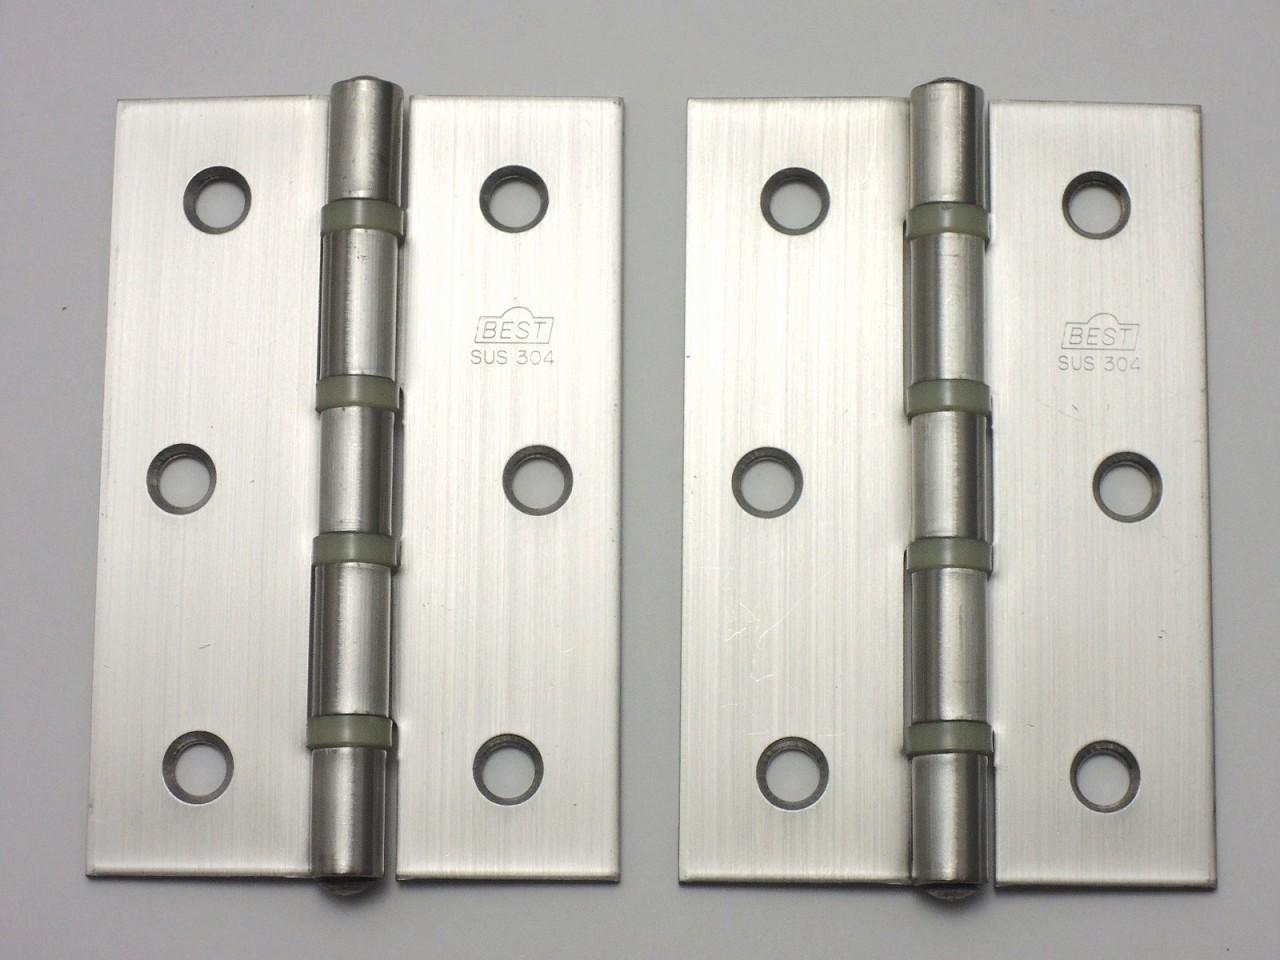 最もオーソドックスで一般的に使用される蝶番 ベスト 113ステンレス 特厚蝶番 ナイロンリング入 0150-086 100%品質保証! 在庫あり 2枚入り 89ミリ